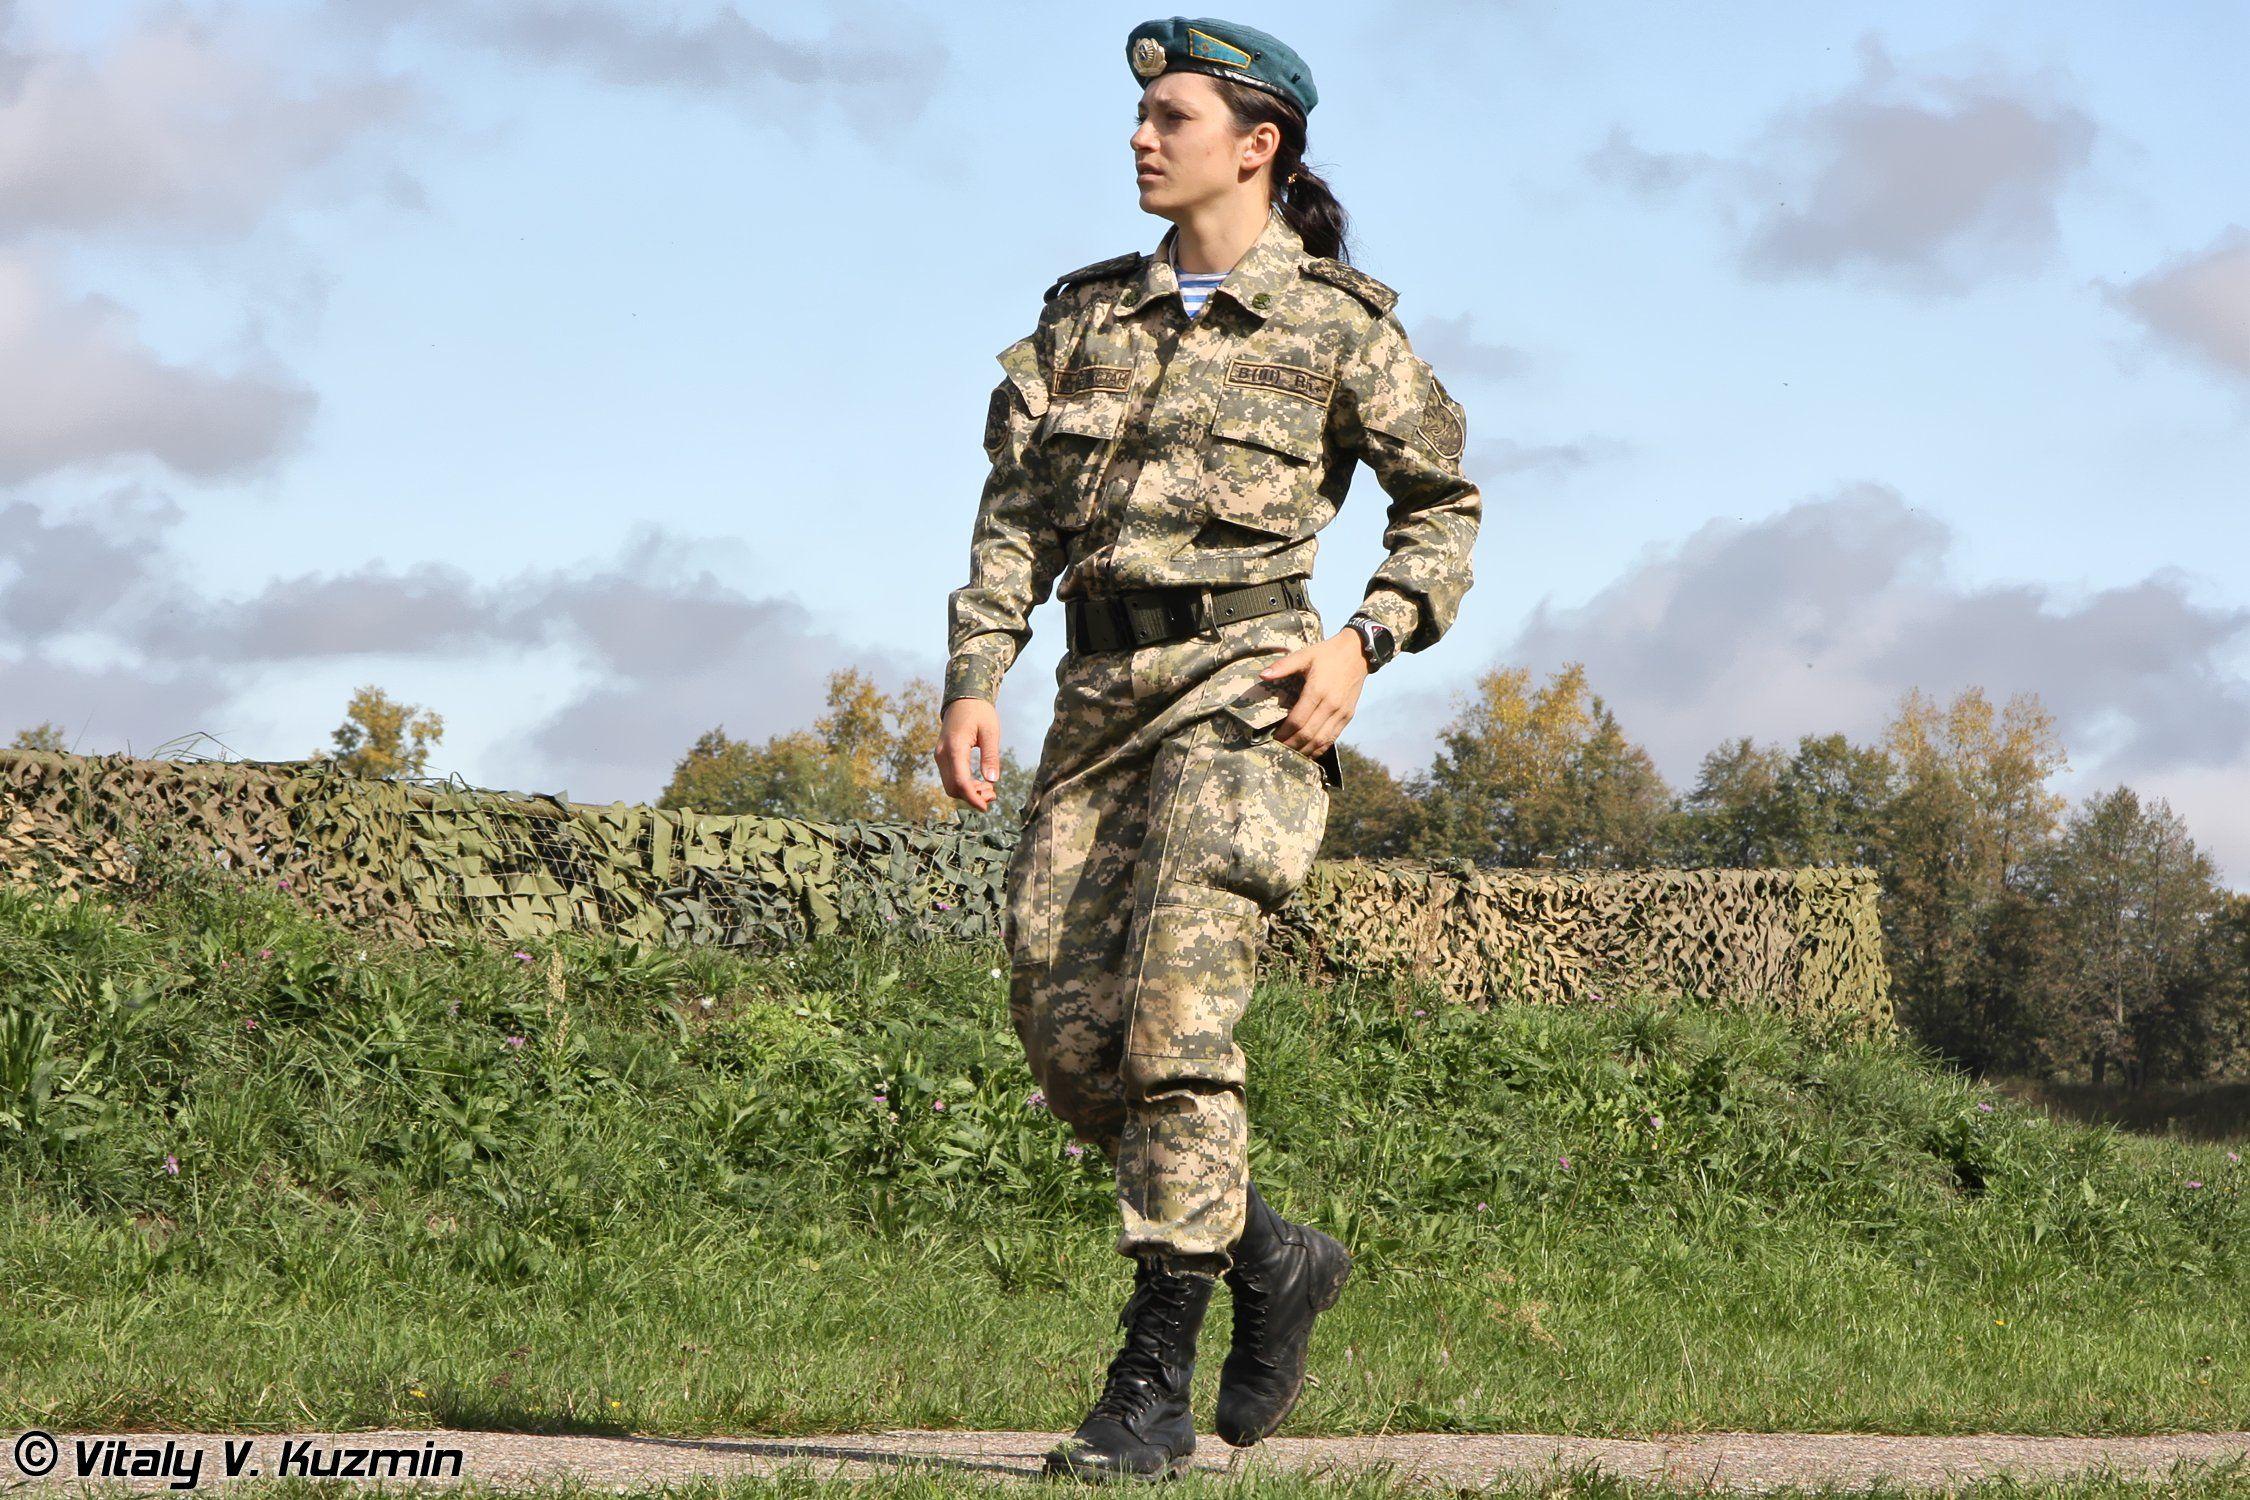 Russia Miitry Women Army Russian Troops Woman Wallpaper Background